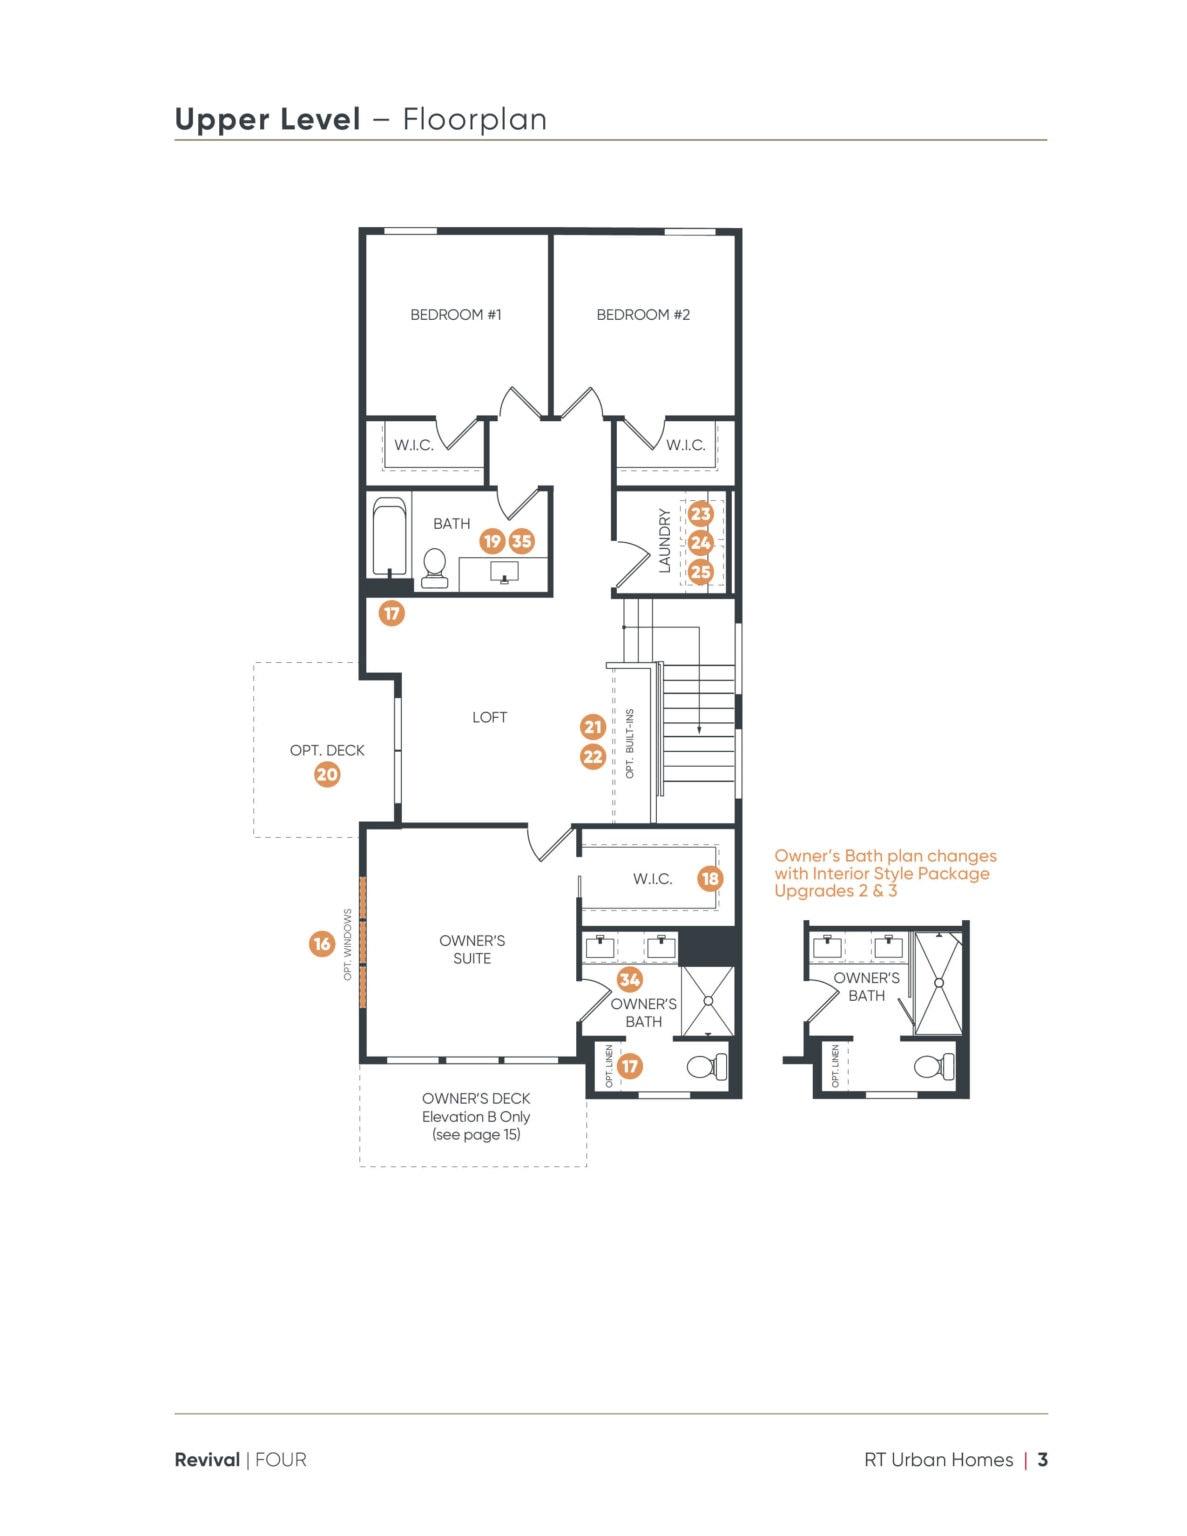 Revival FOUR Floorplan Handout_022820_page 3